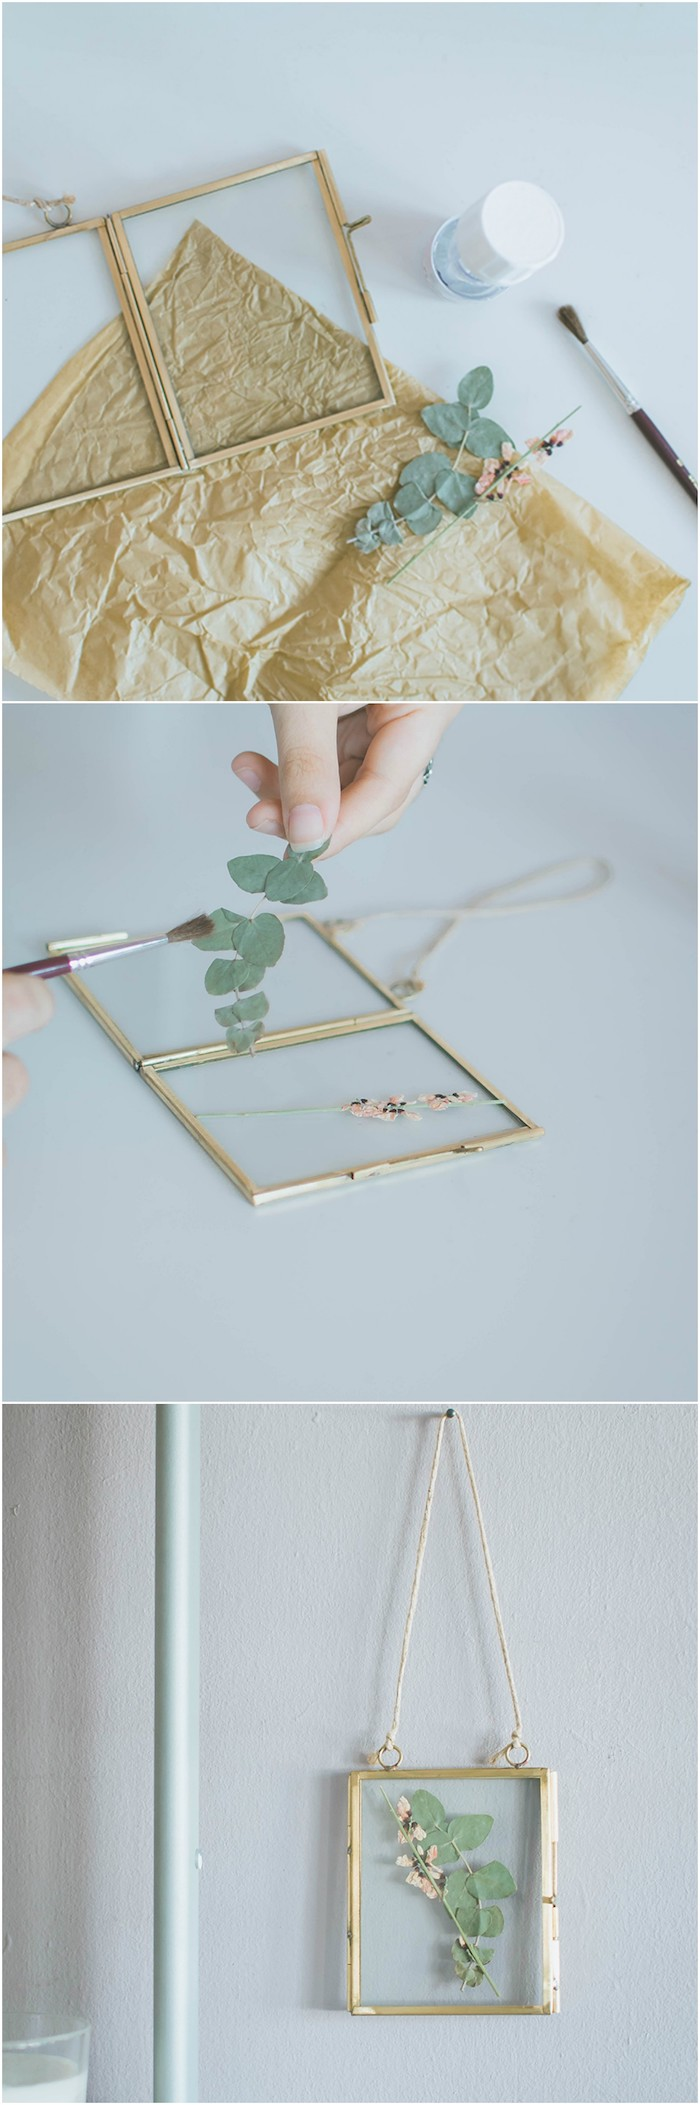 diy déco chambre, fleurs séchées pressées dans un cadre photo vintage à suspendre, activité manuelle pour ado